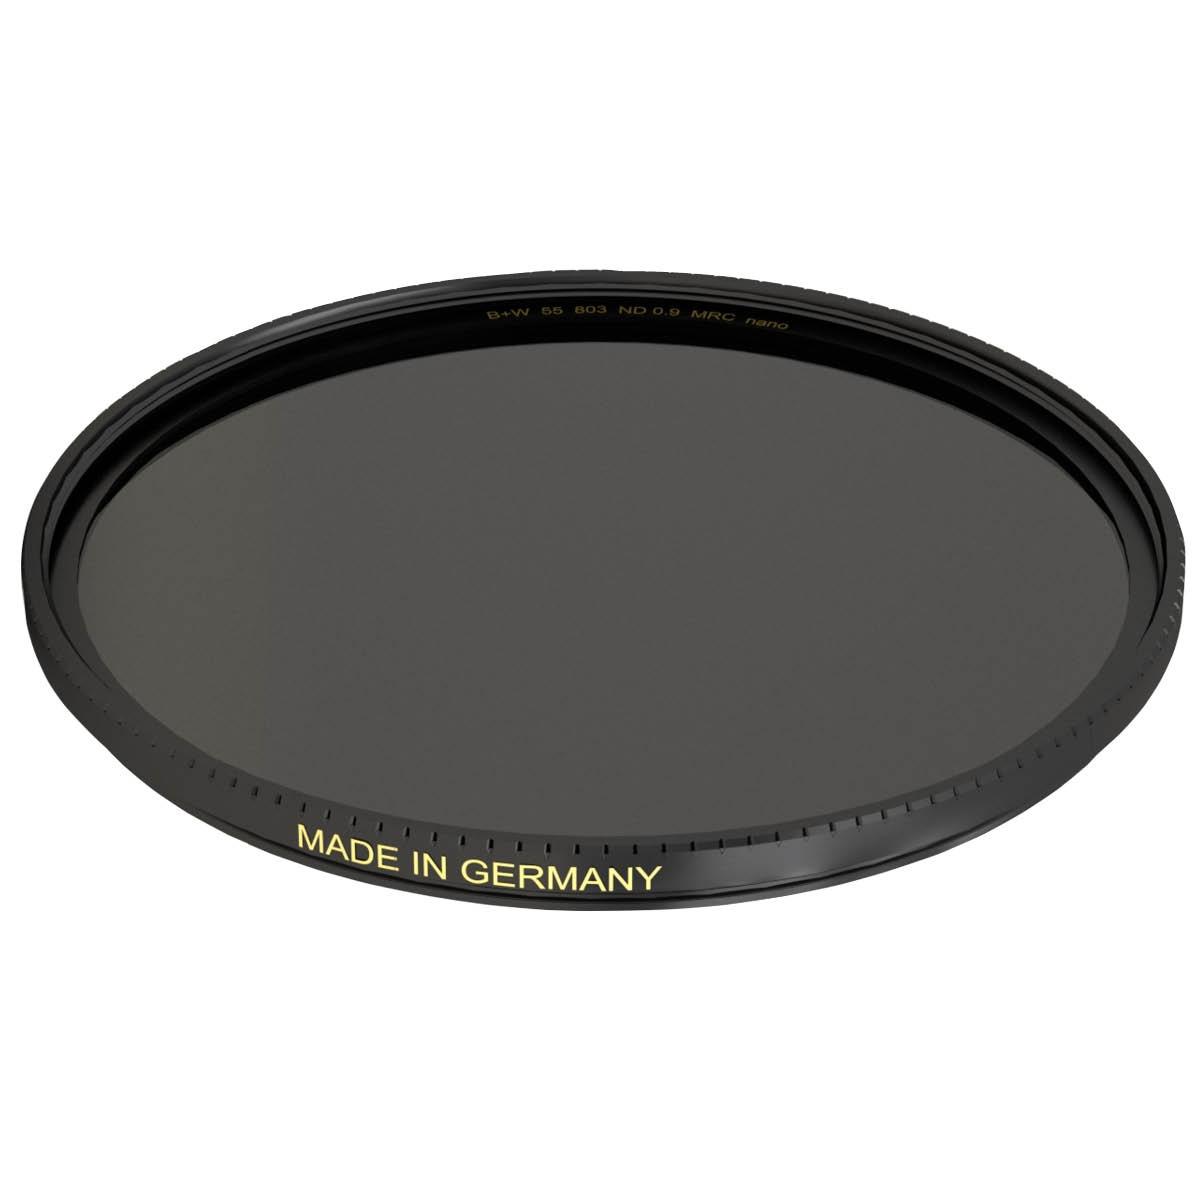 B+W Graufilter 58 mm XS-Pro +3